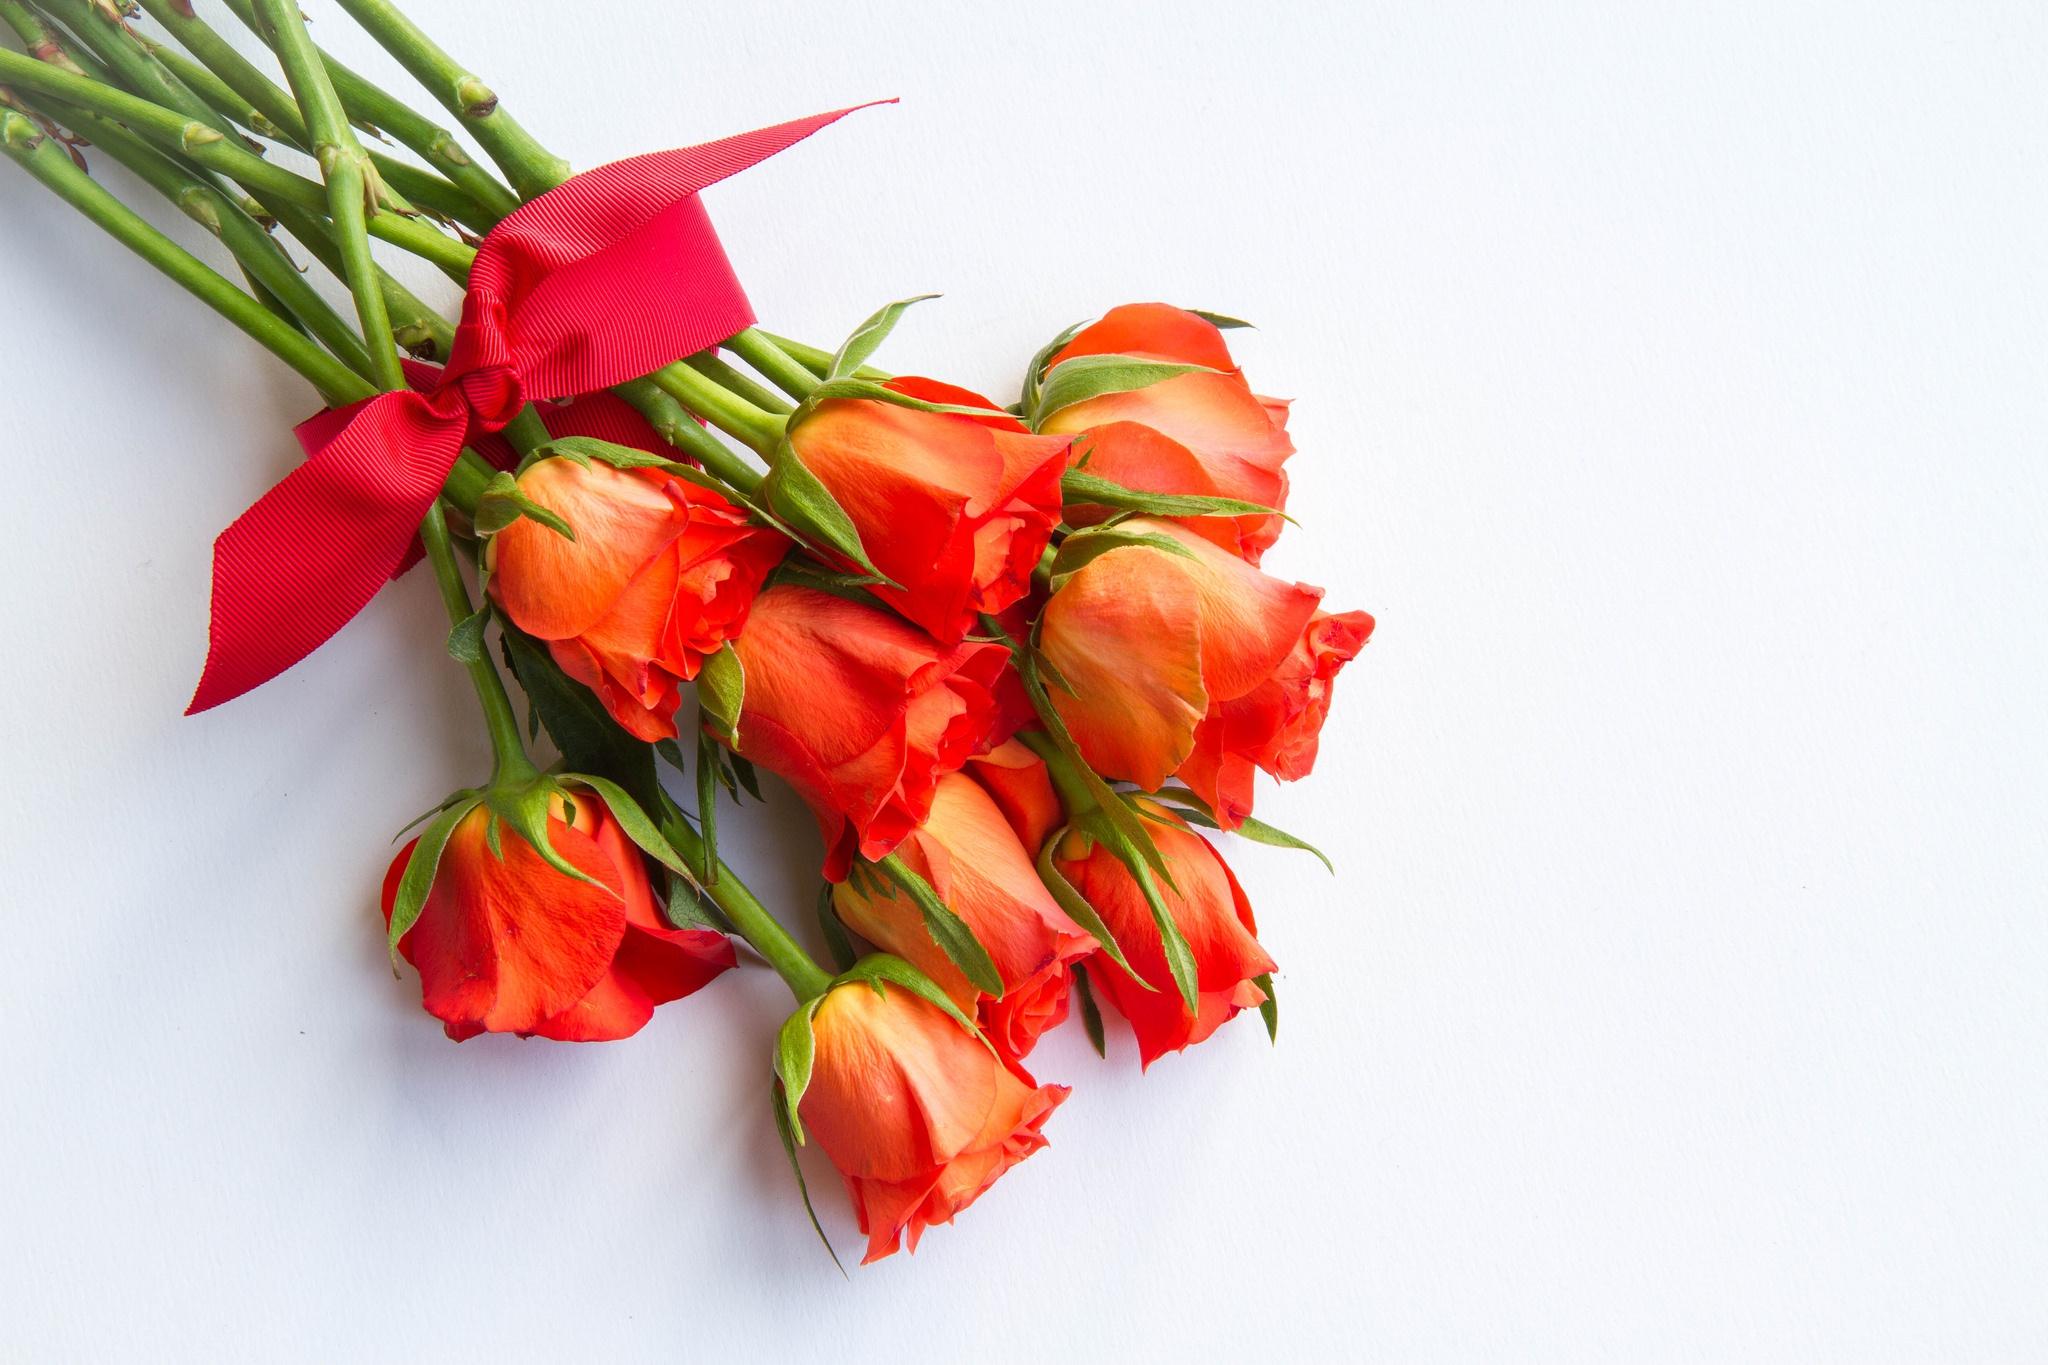 Белые тюльпаны, букеты праздничные на белом фоне